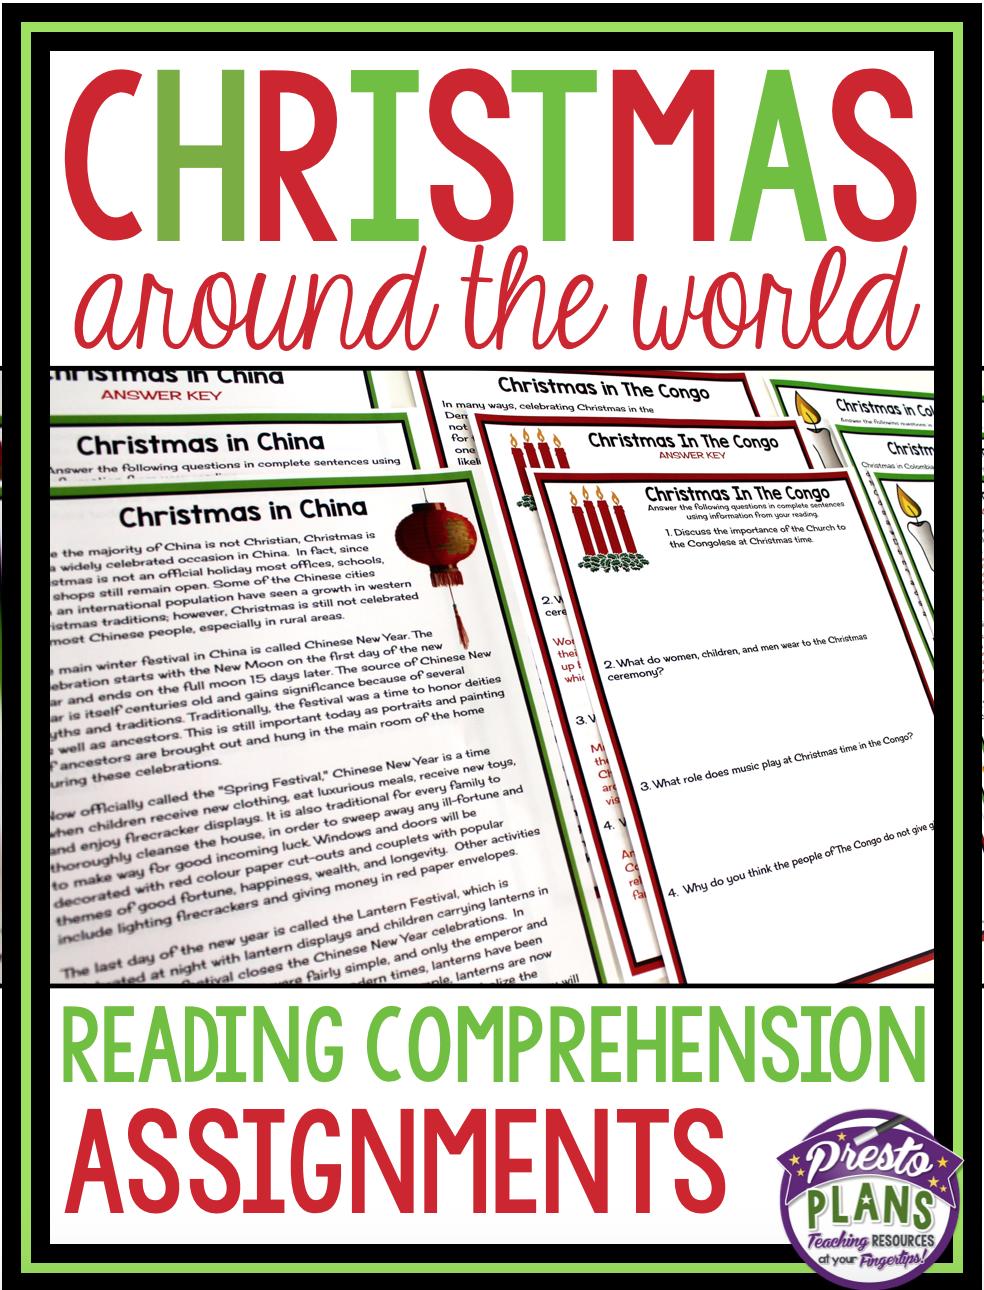 medium resolution of CHRISTMAS AROUND THE WORLD READING COMPREHENSION   Reading comprehension